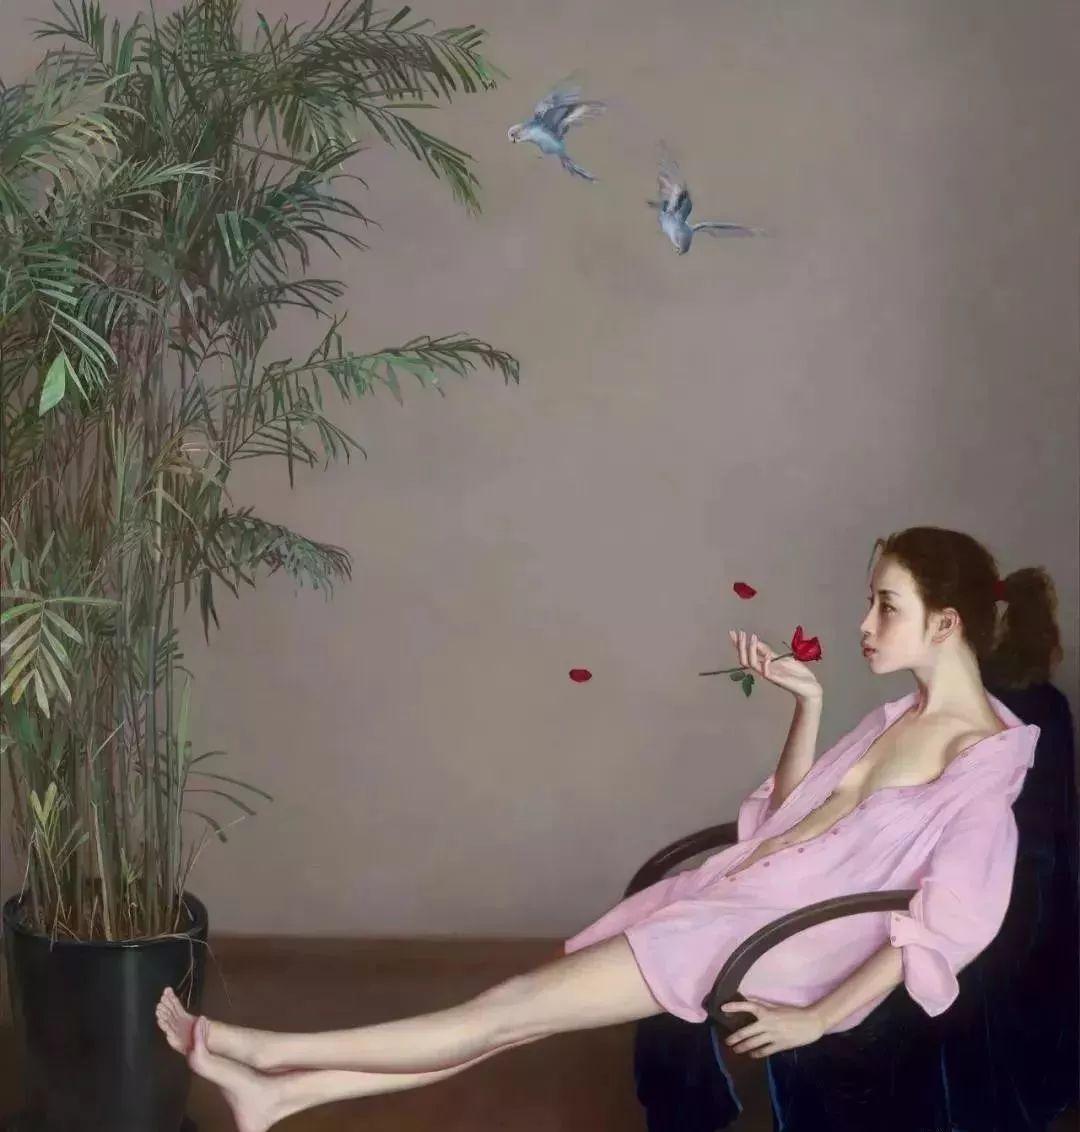 35年专注画青春美少女,最贵画作卖708万插图61